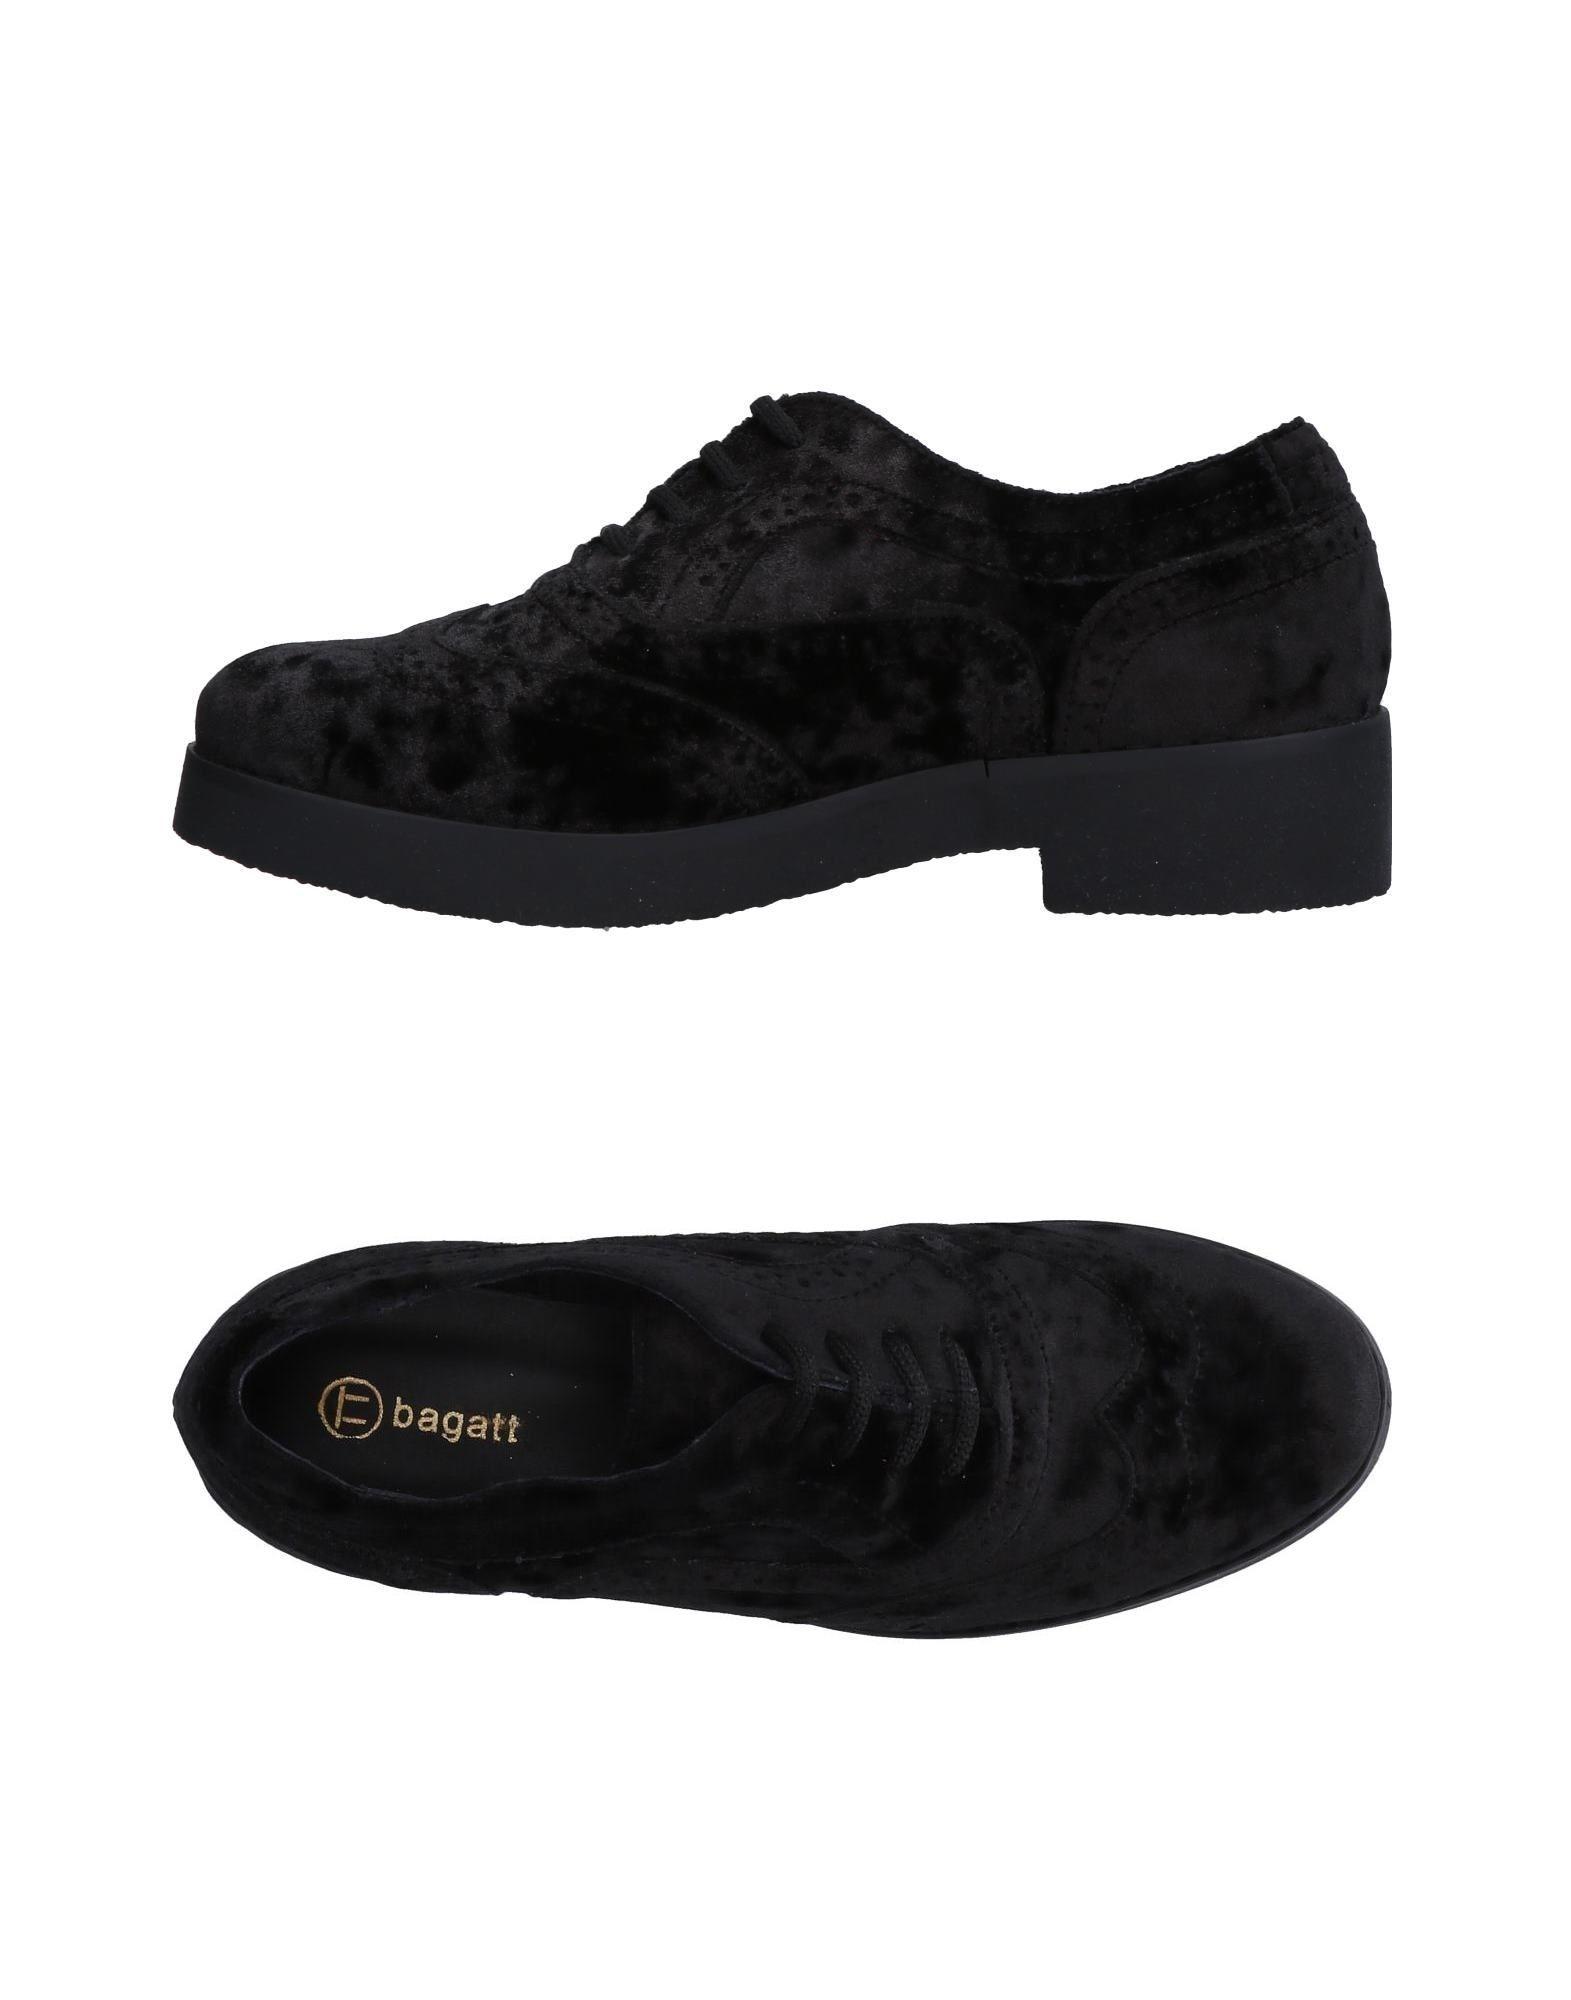 Bagatt Schnürschuhe Damen  11510137DR Gute Qualität beliebte Schuhe